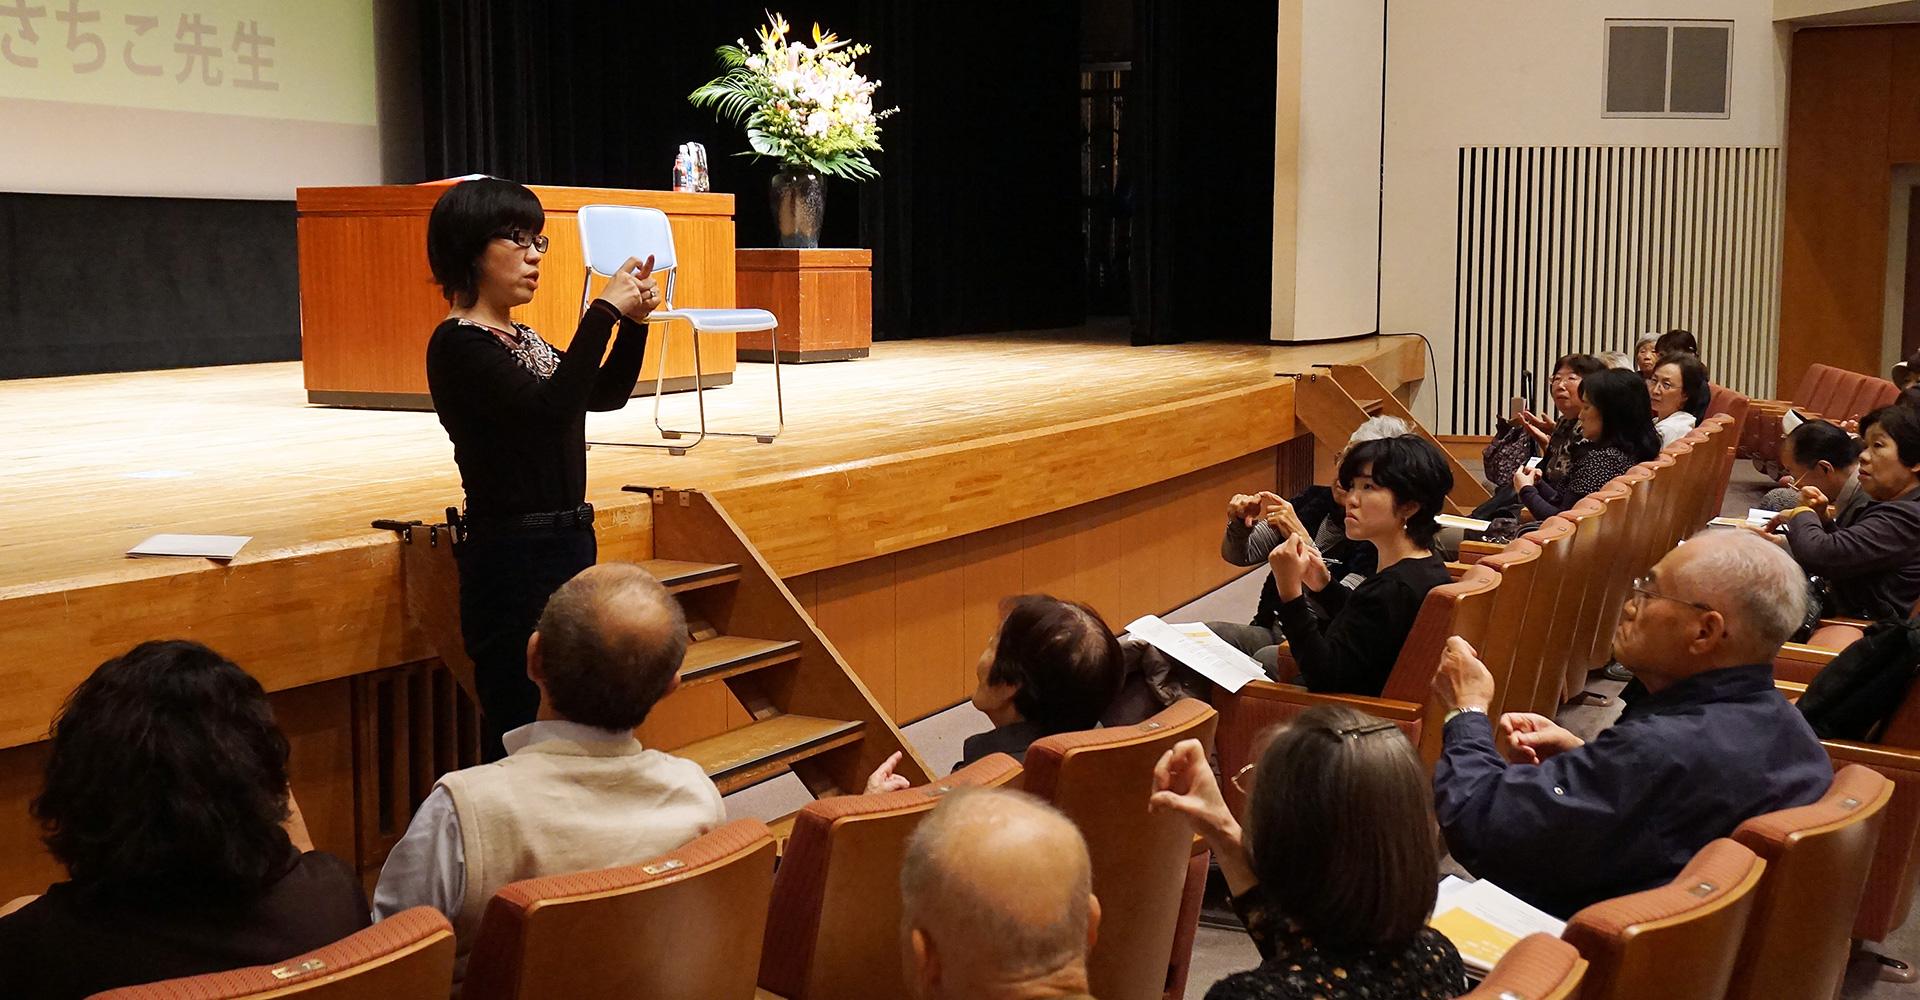 『養命酒だより』健康セミナー2015 in 大阪一覧画像